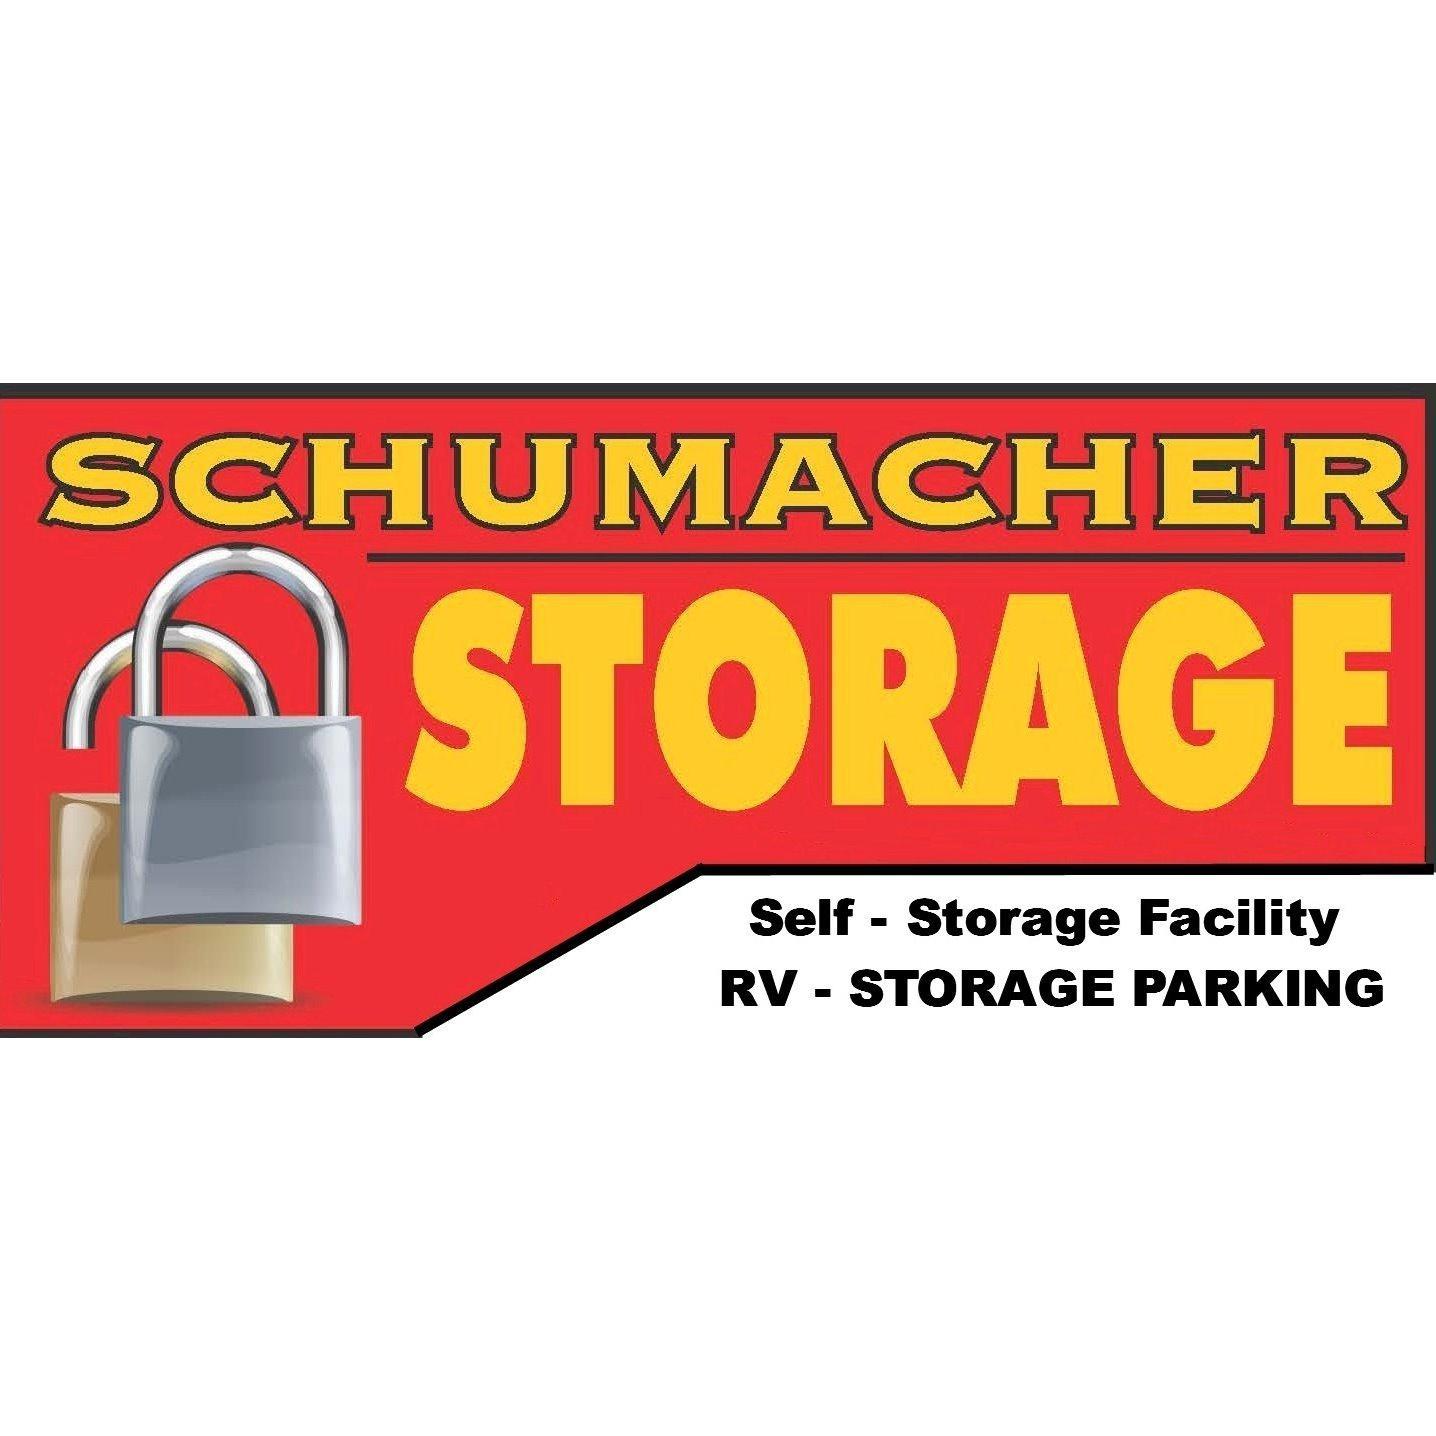 Schumacher Storage